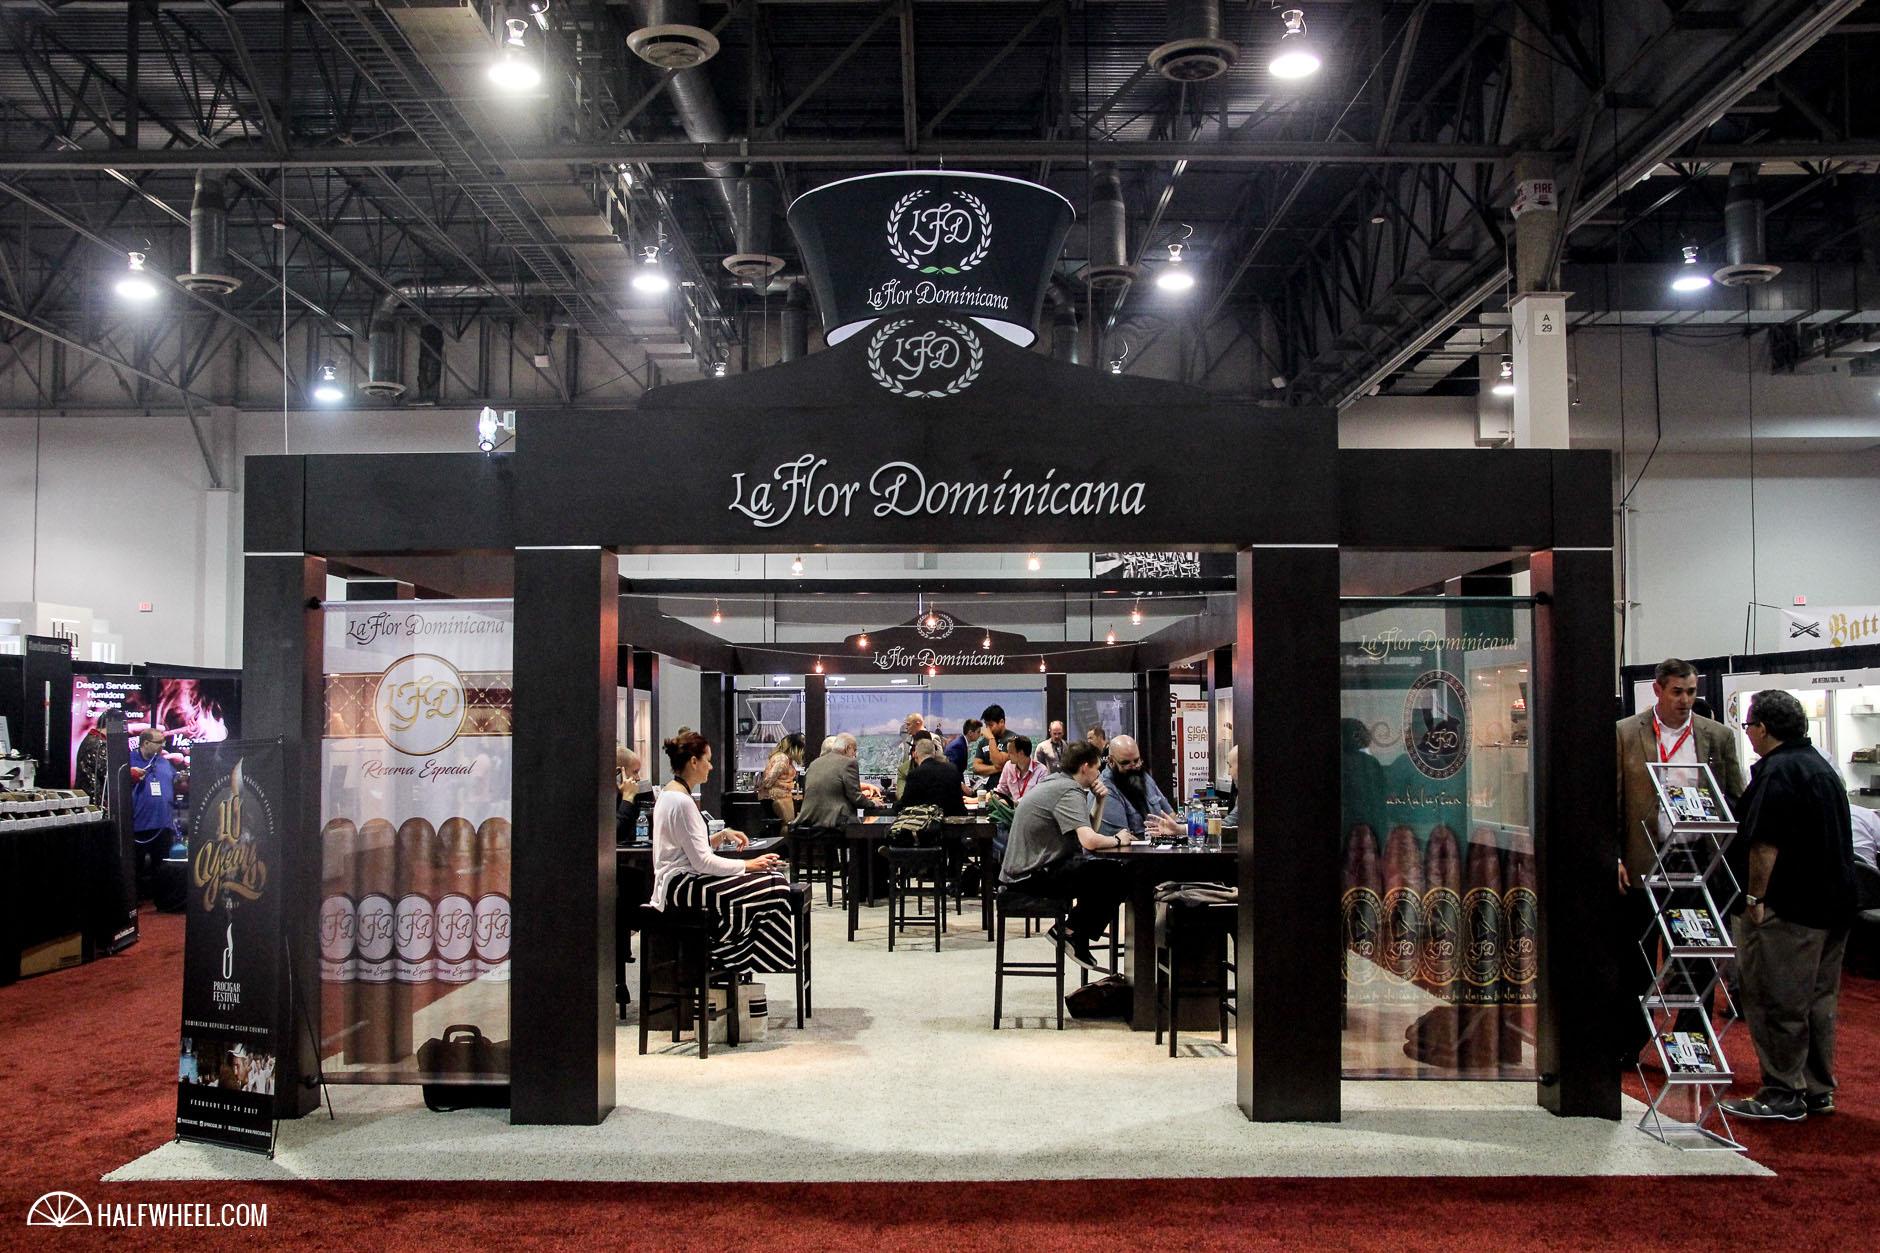 La Flor Dominicana booth ICPCR 2016